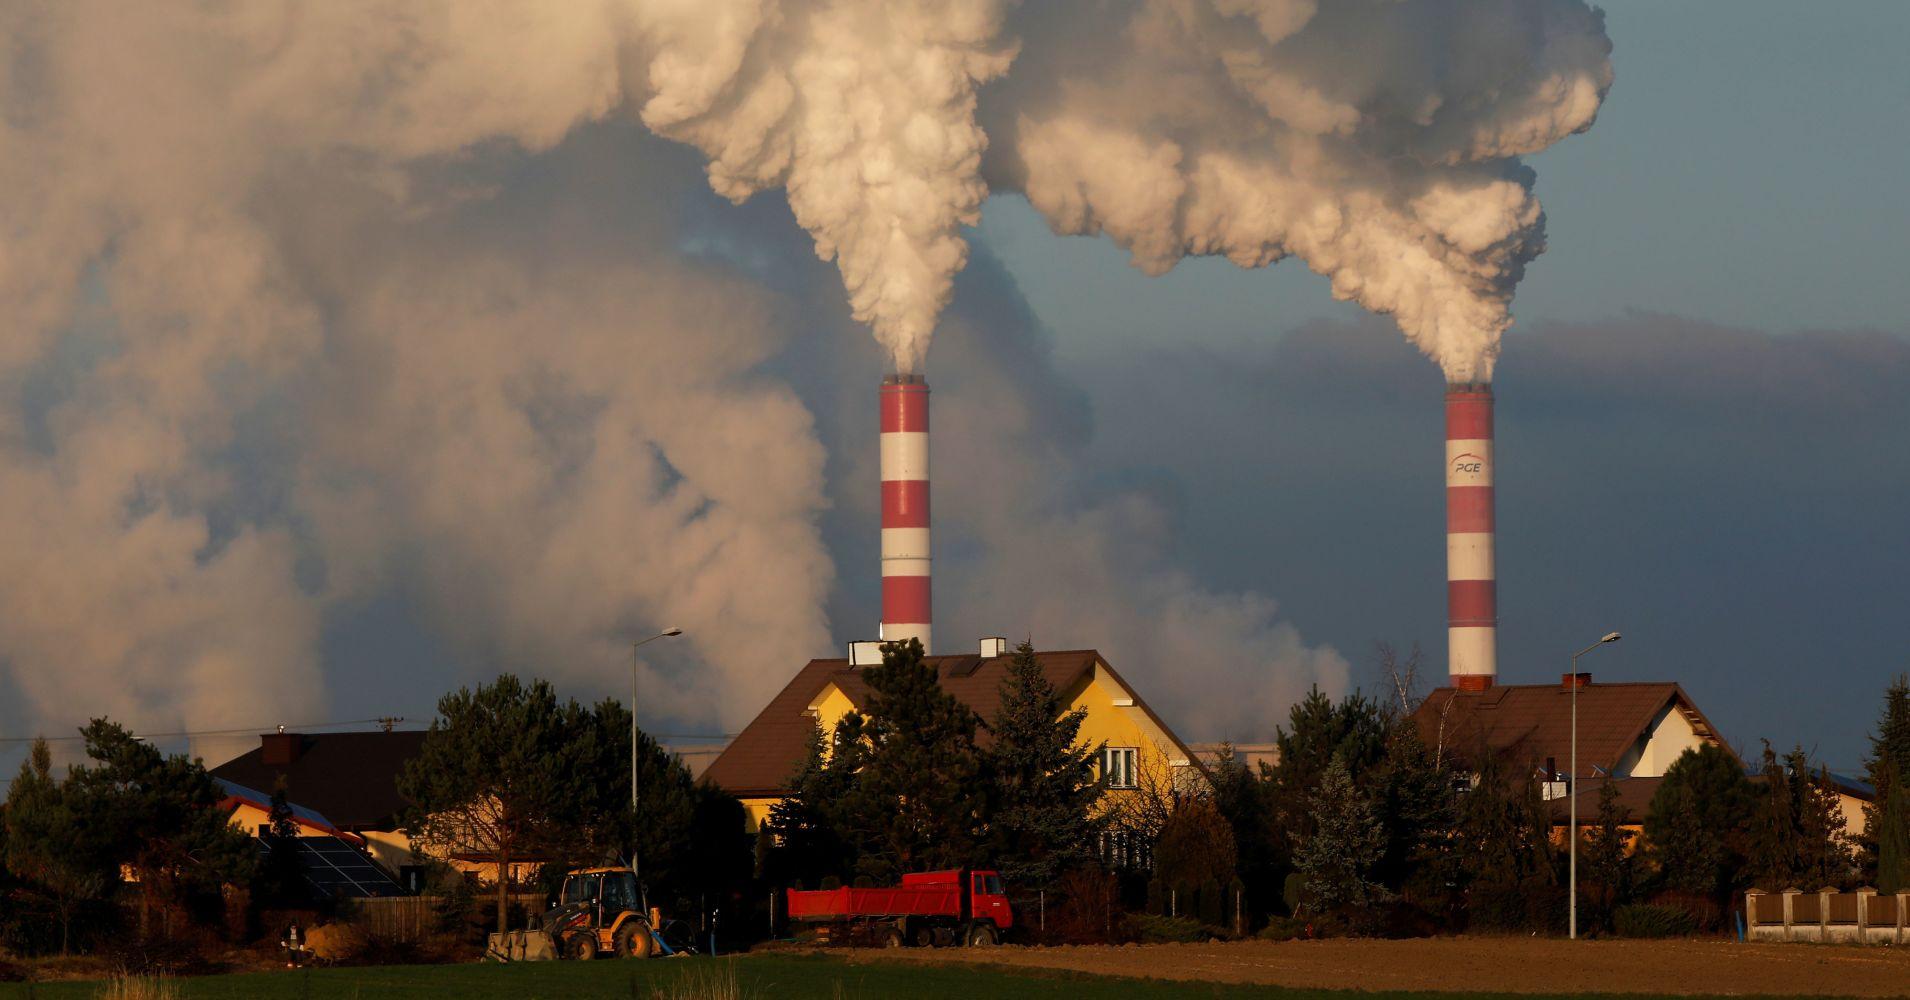 МВФ: Данък от 75 долара за тон СО2 през 2030 г. ще е най-добрият метод в борбата с измененията на климата